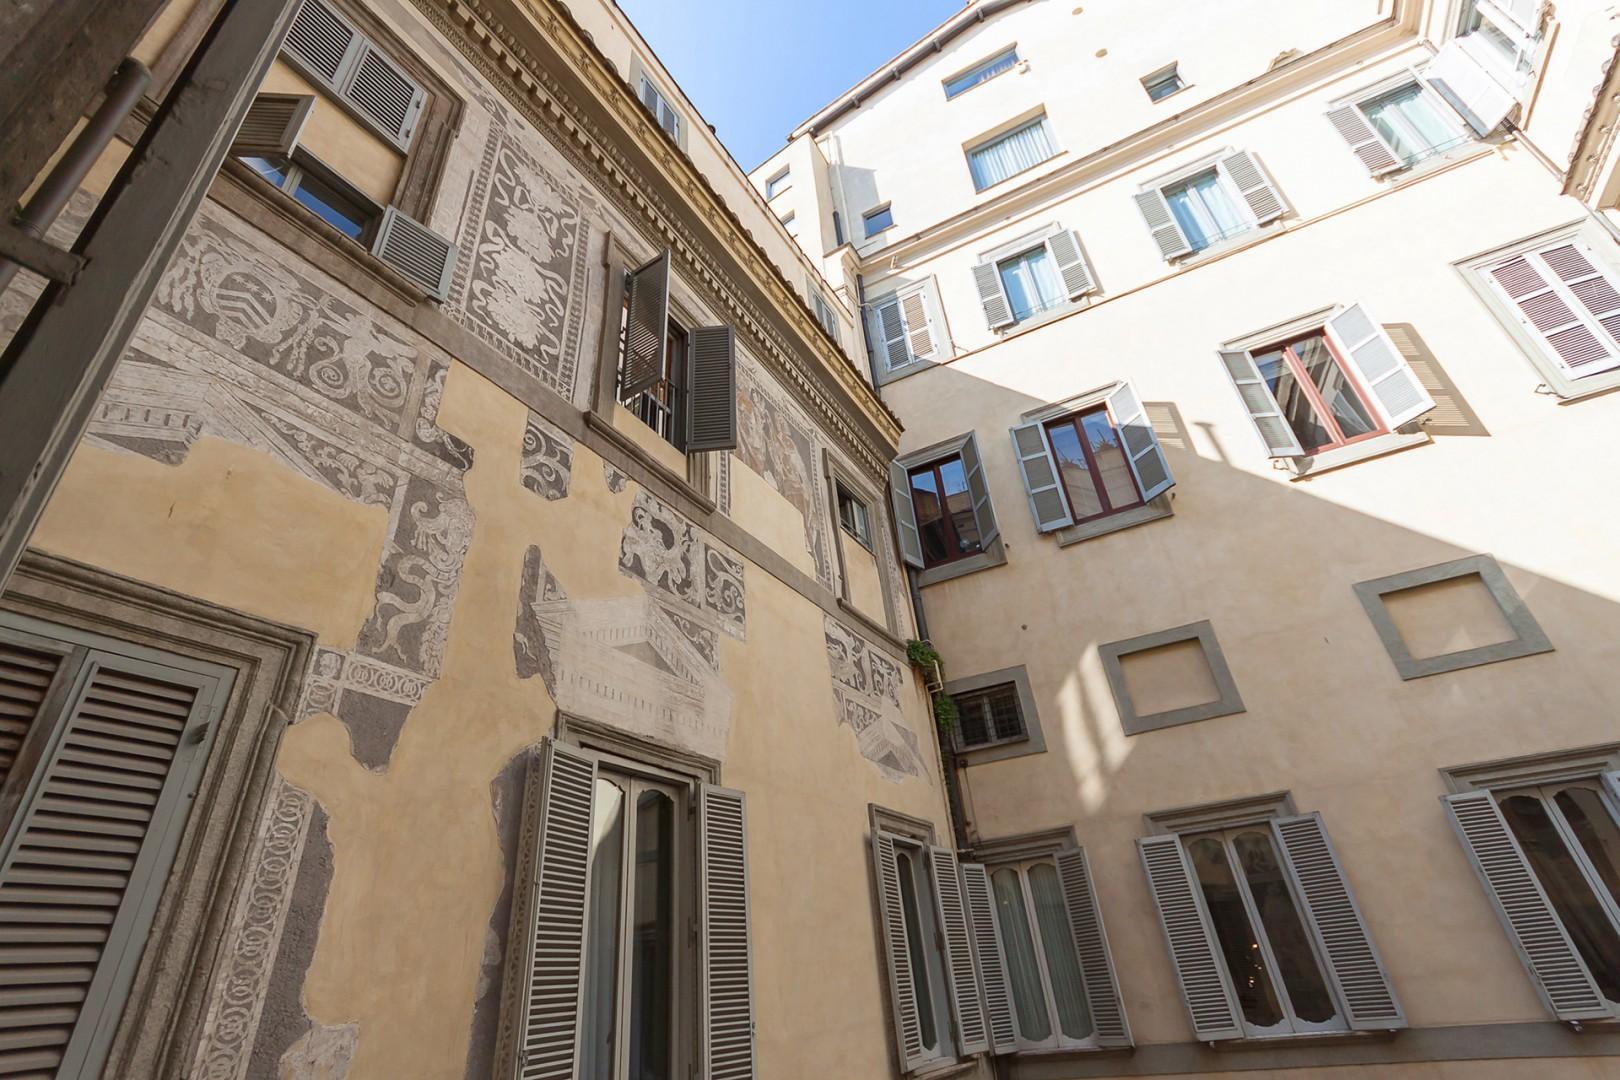 Inside the courtyard, Renaissance murals have been restored.